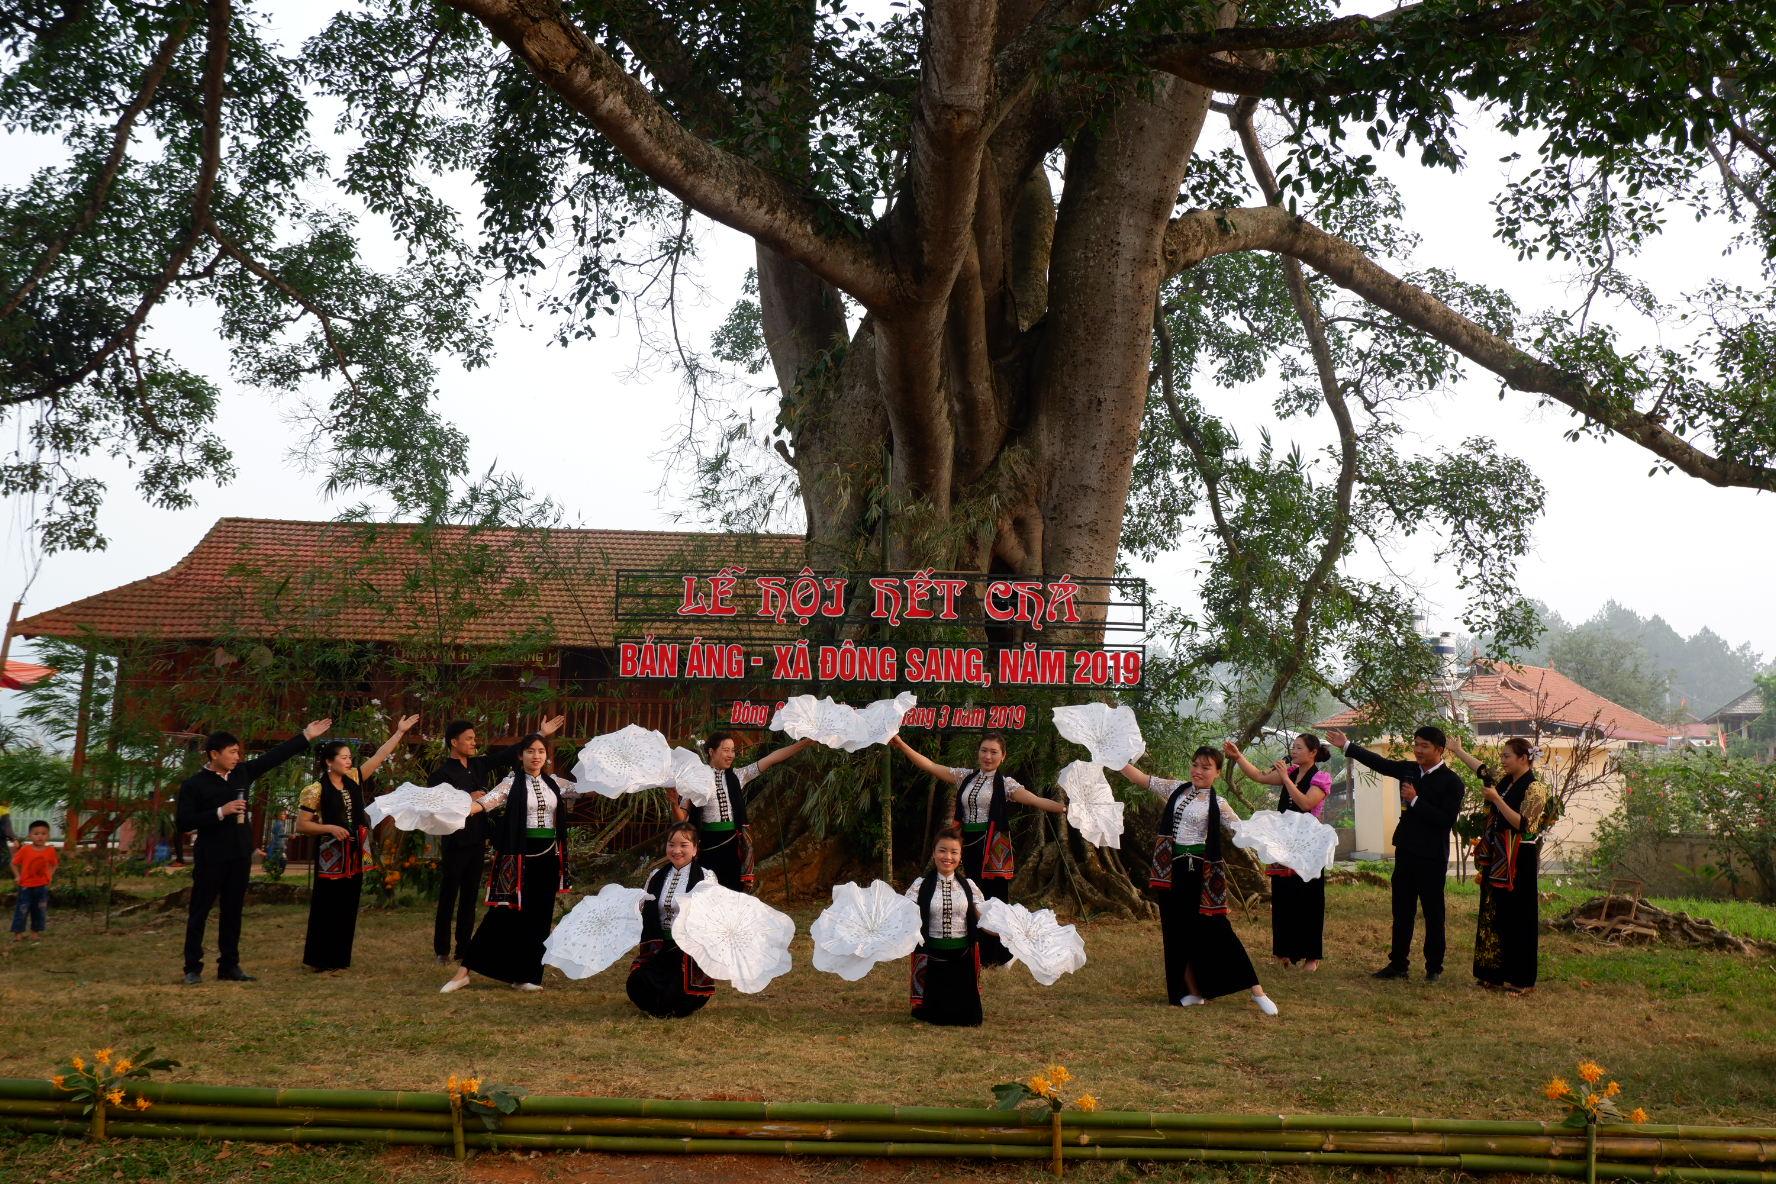 Đội múa đều là người dân tộc Thái tại Bản Áng